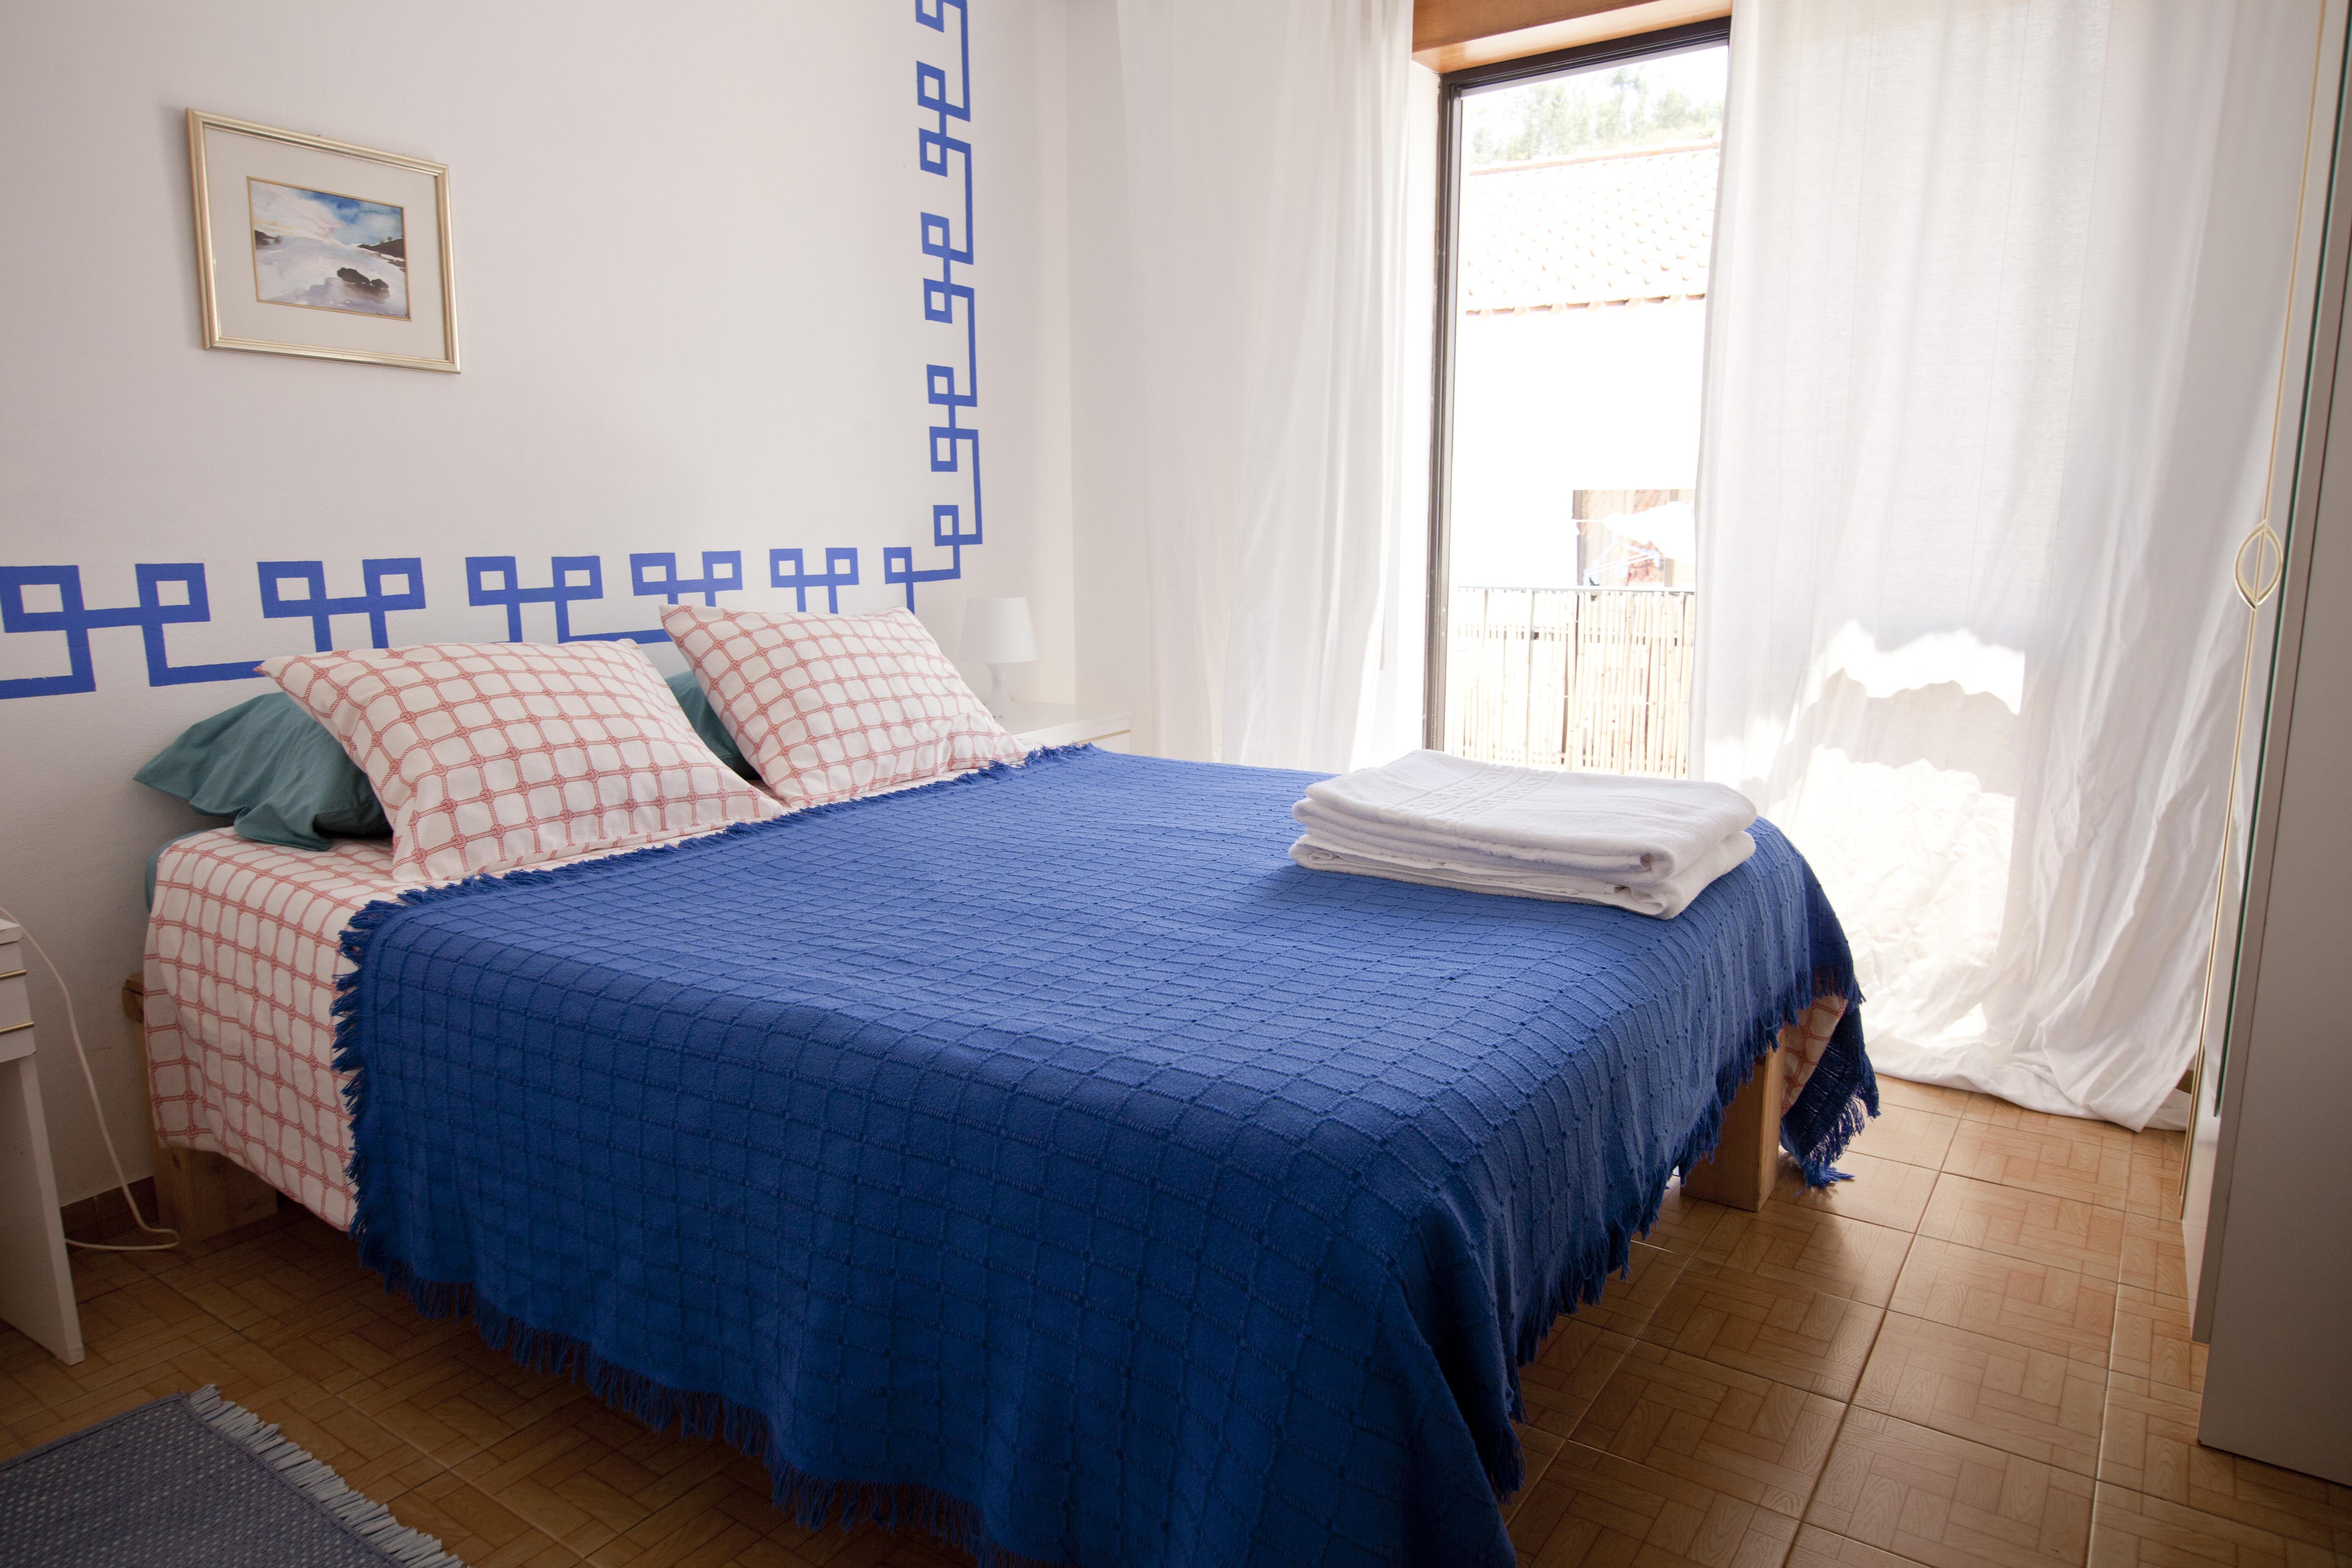 Hostel Seixe quarto